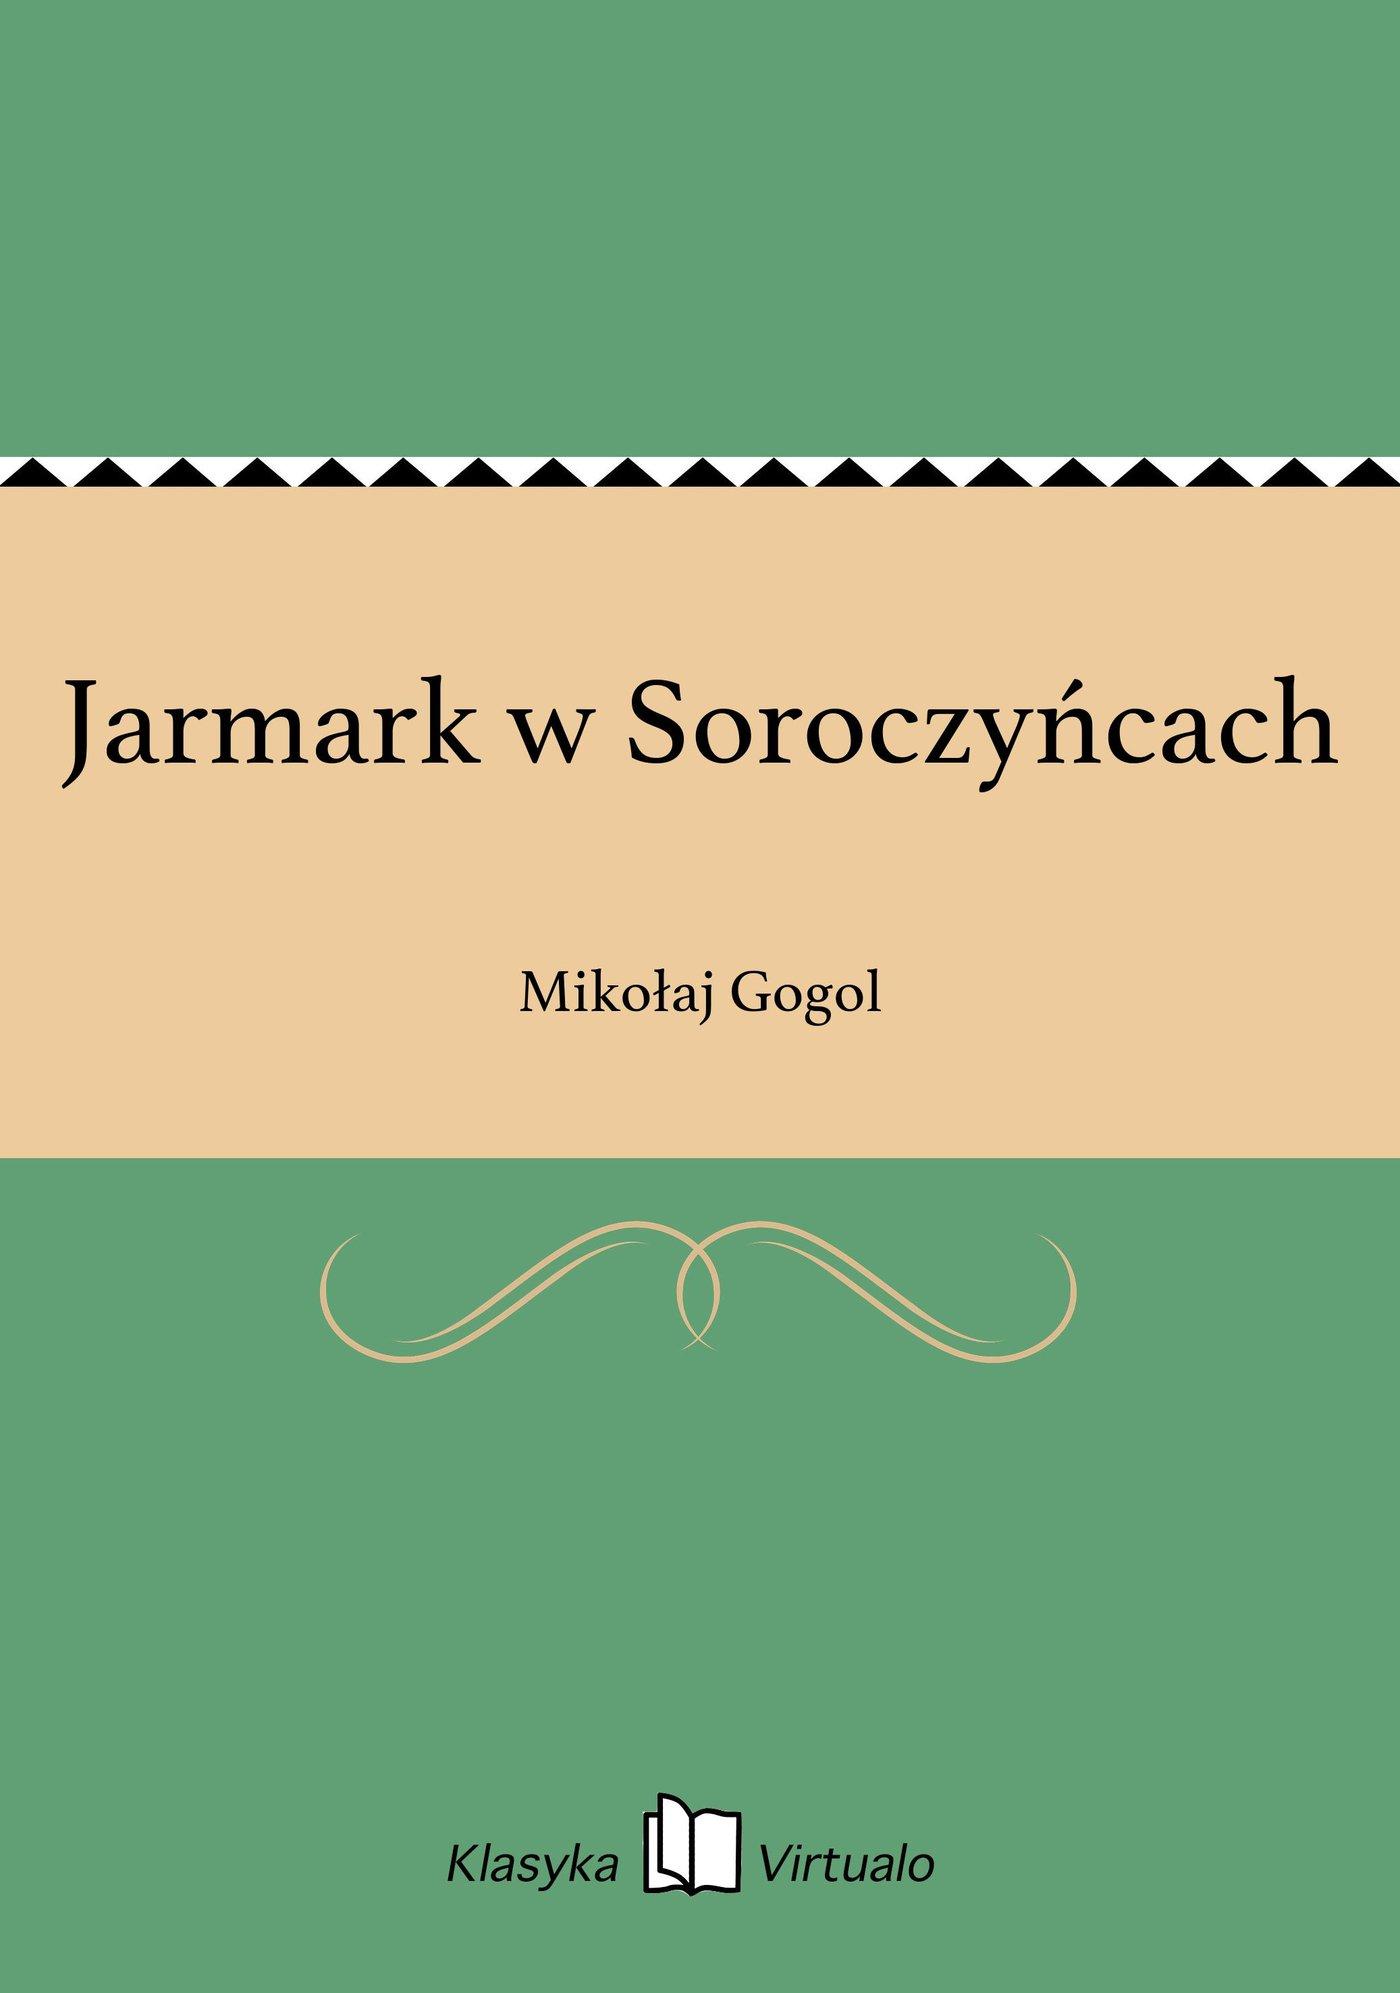 Jarmark w Soroczyńcach - Ebook (Książka EPUB) do pobrania w formacie EPUB